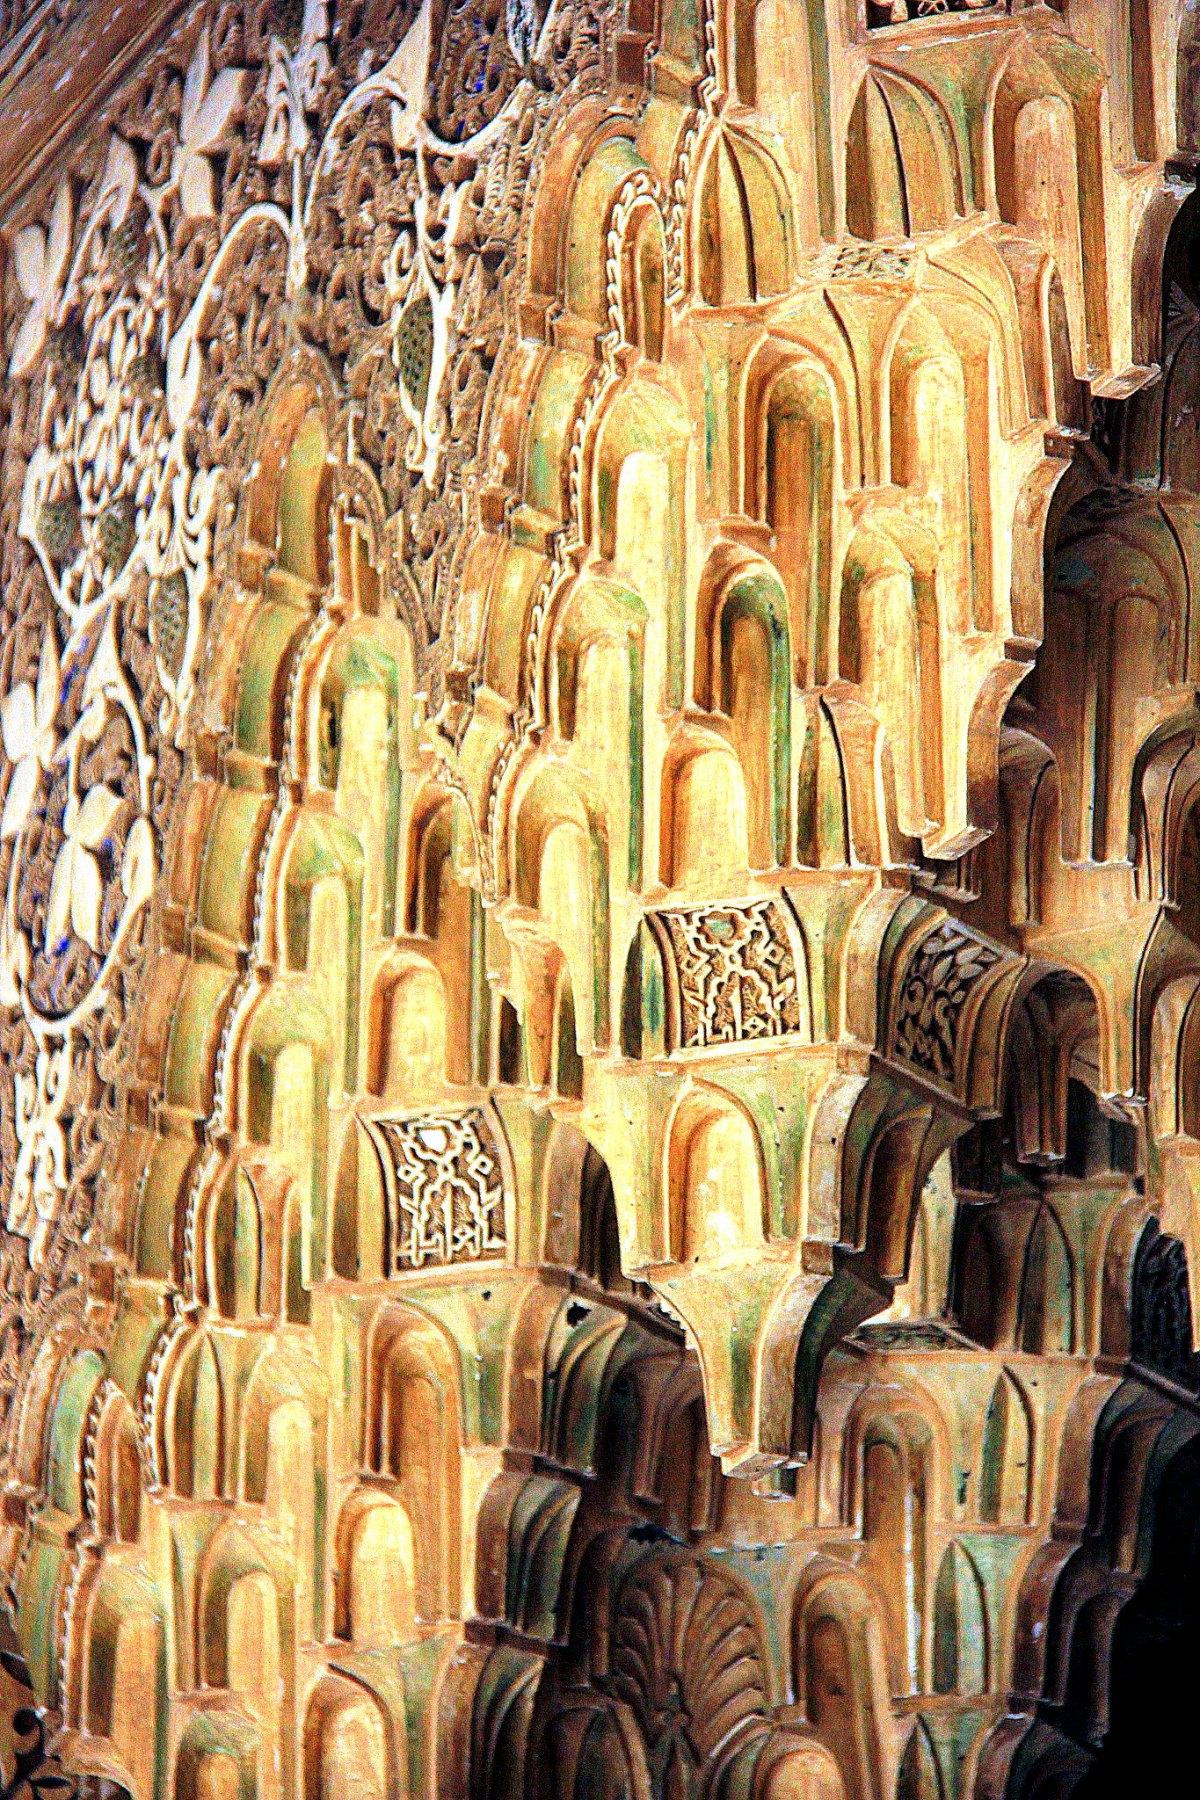 Detailed mocarabe work at Nasrid Palaces